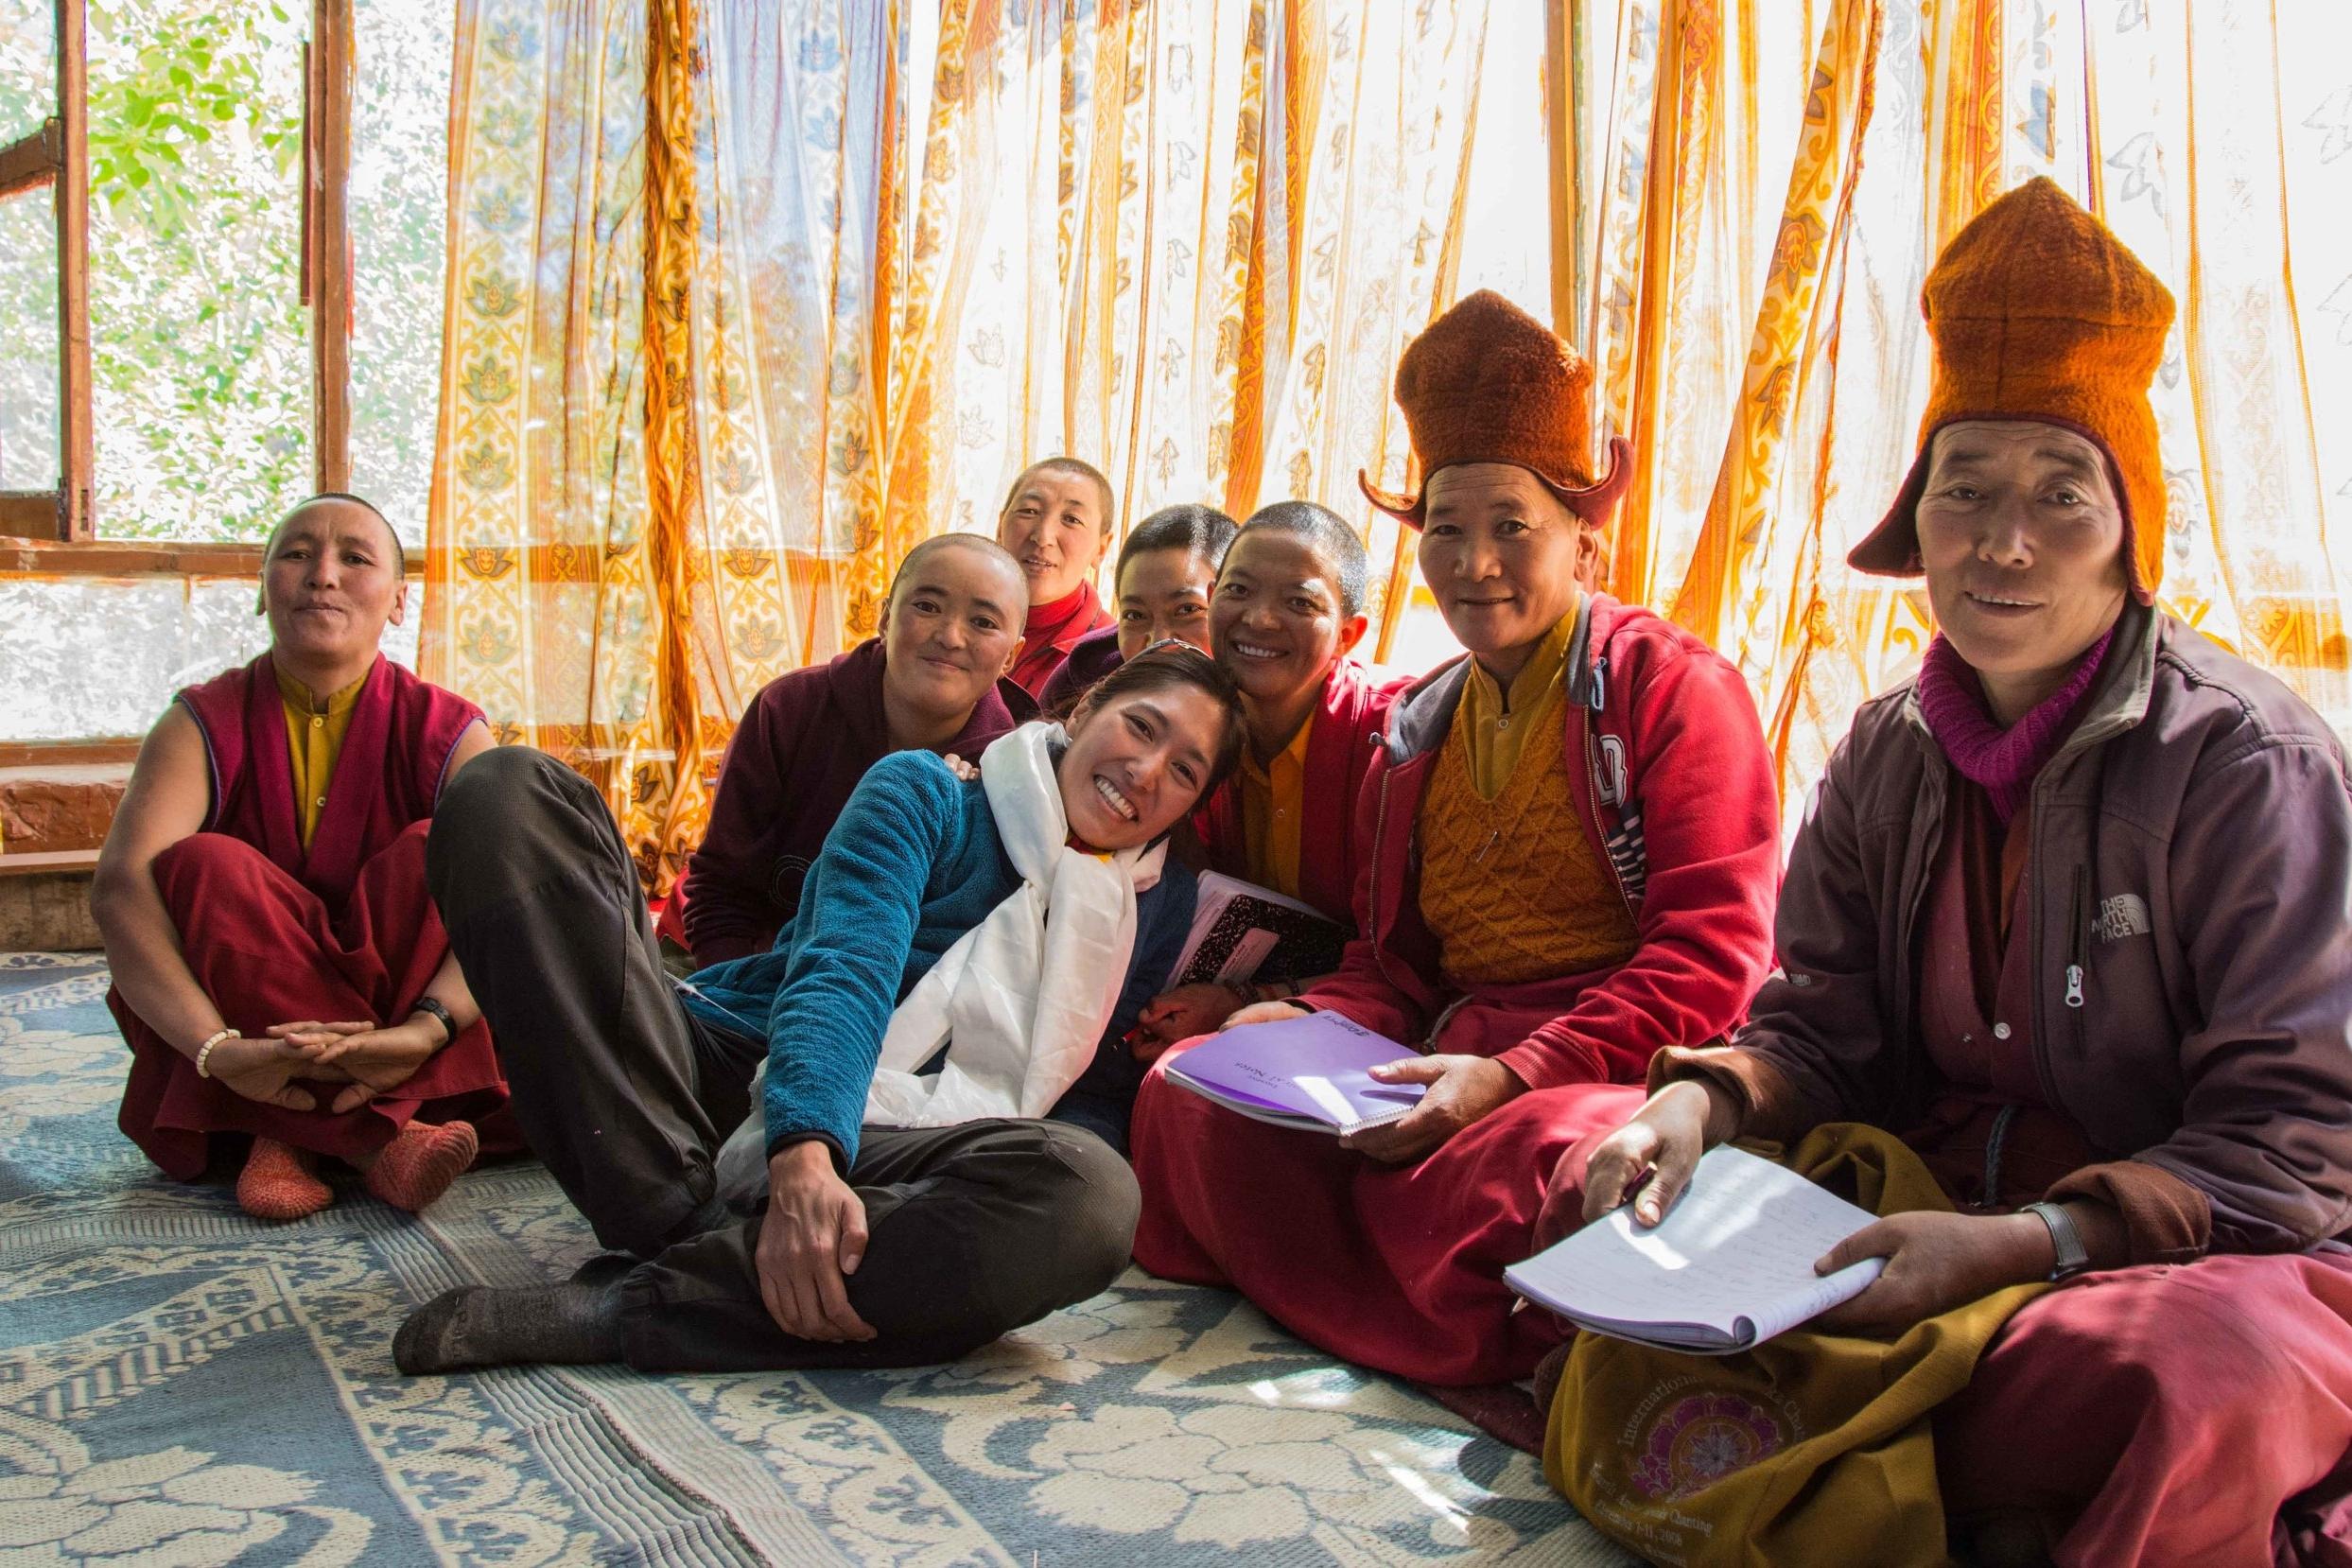 ZANSKAR - Je vis un an avec des nonnes bouddhistes à 4500 mètres d'altitude, où je me forme à la méditation et au bouddhisme.